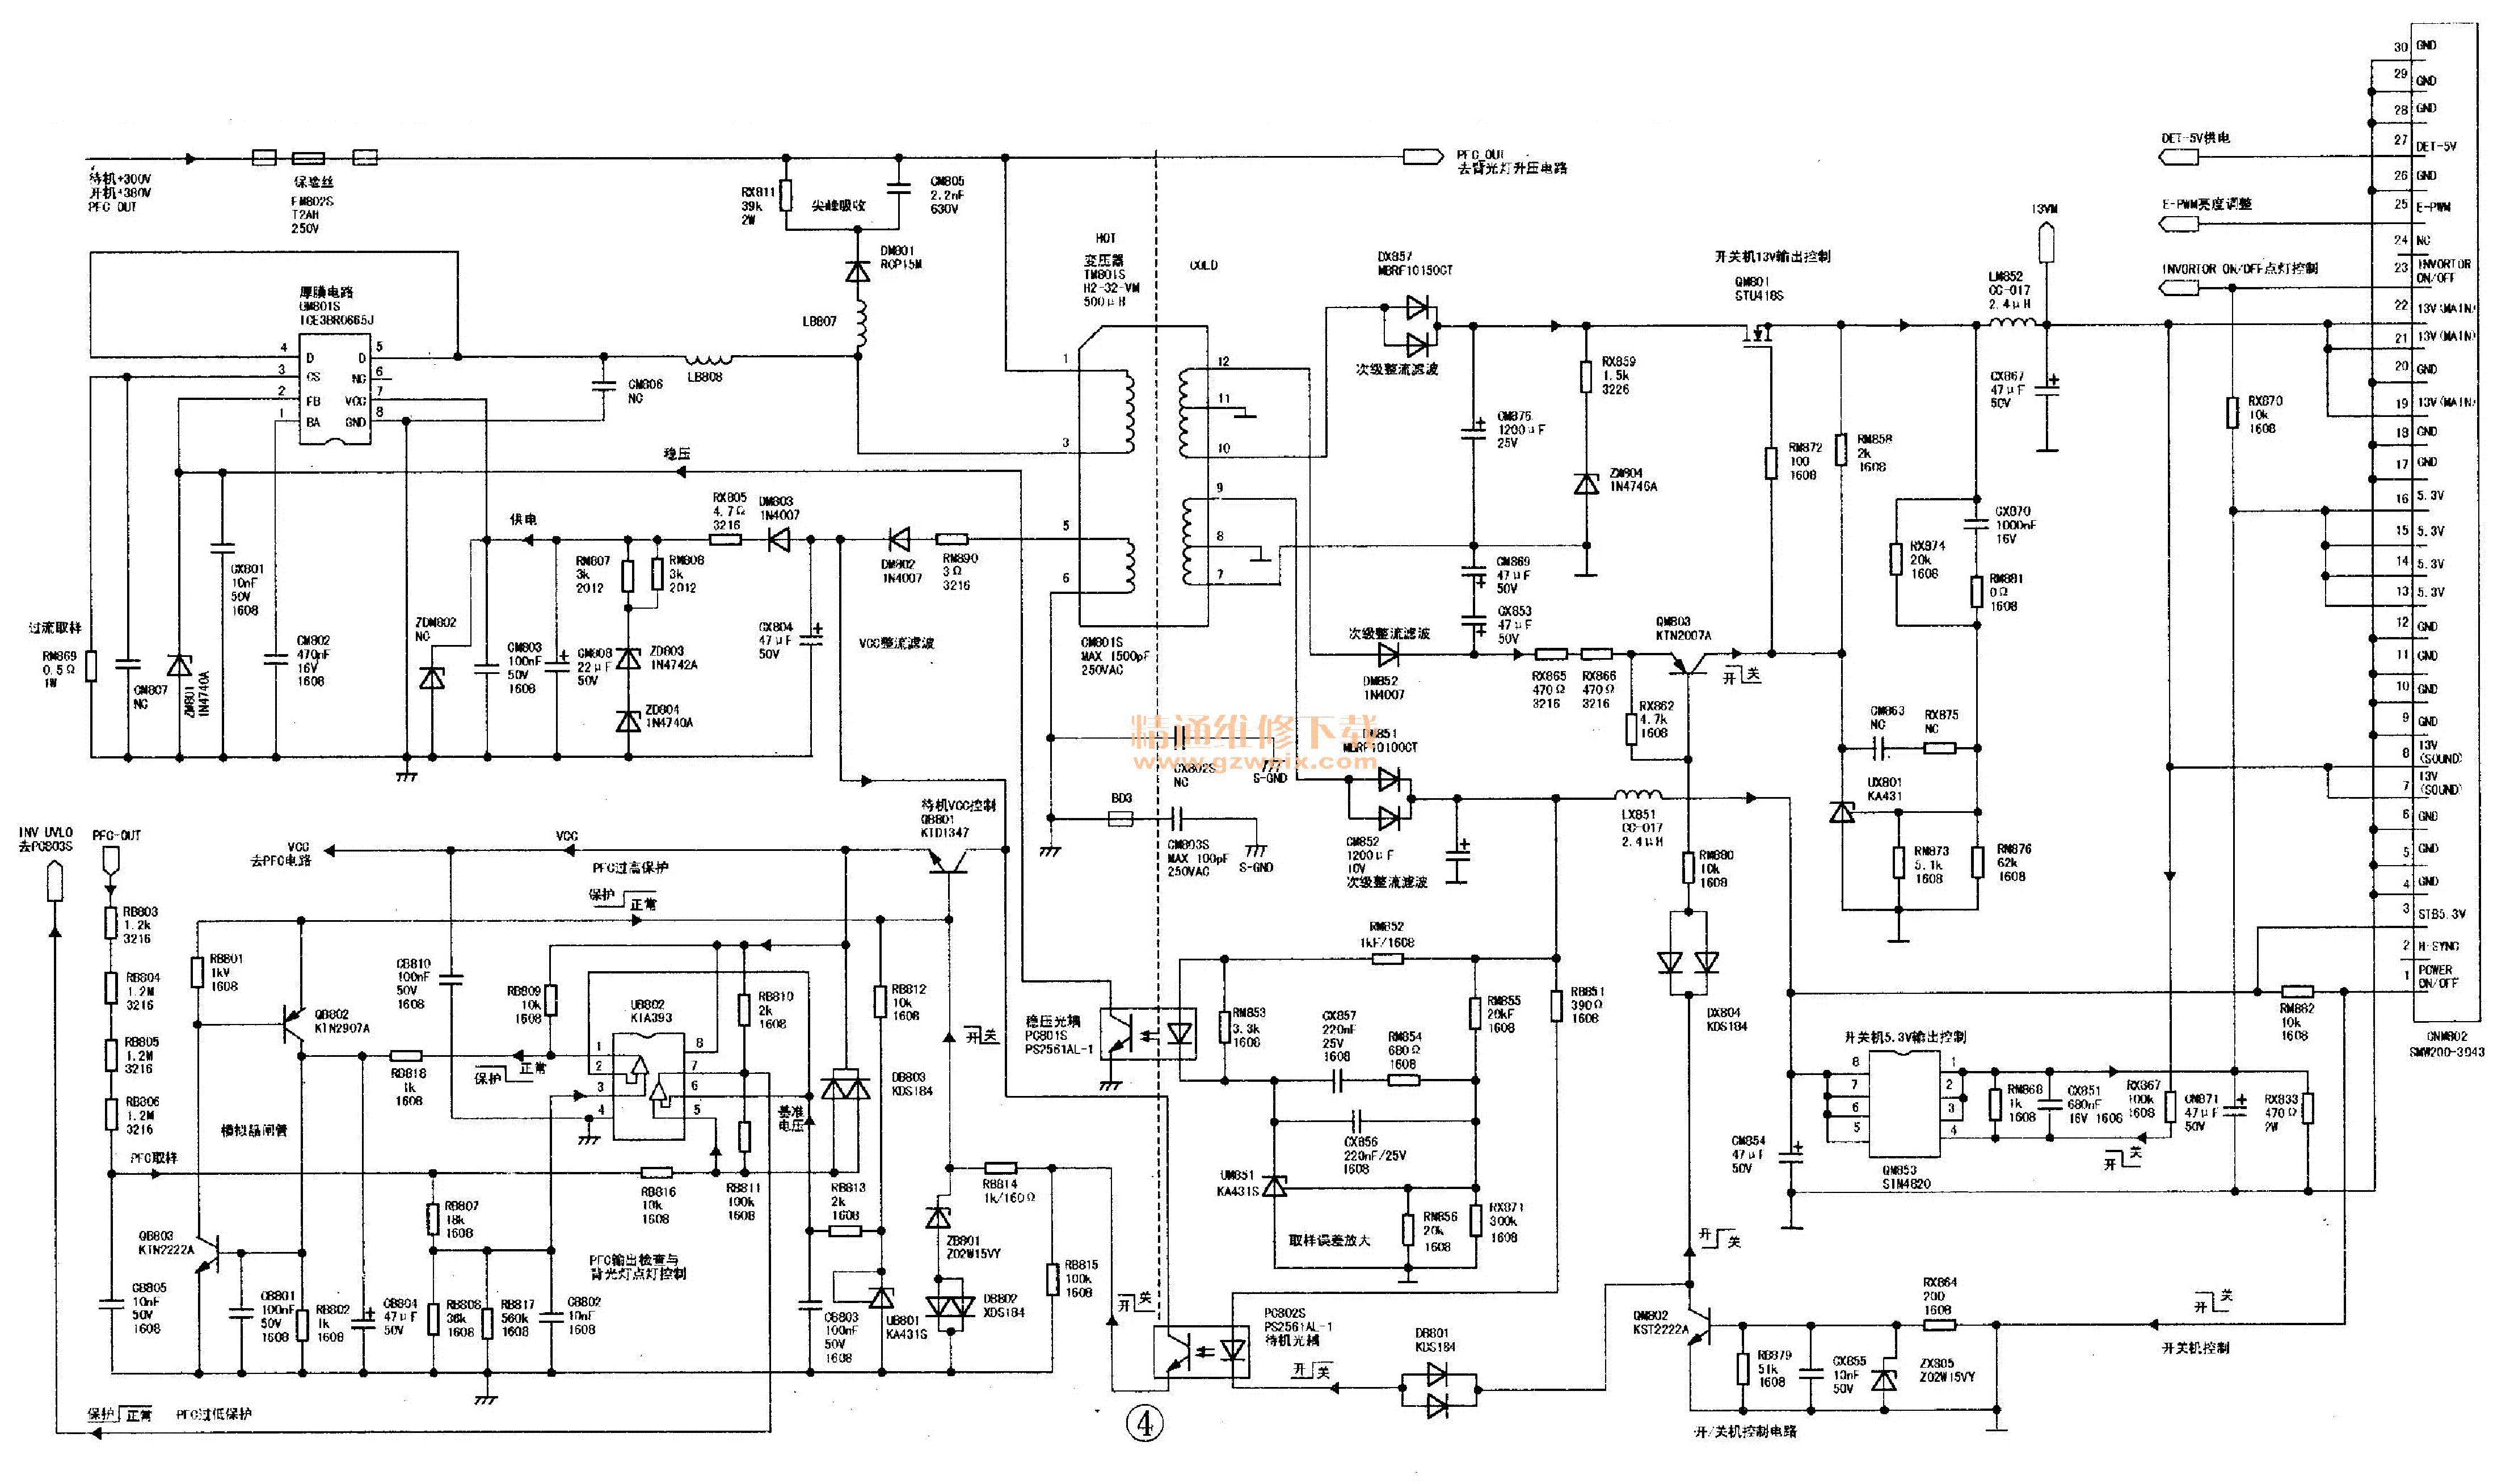 SAMSUNG BN44-00473B SMPS SCH Service Manual download, schematics ...